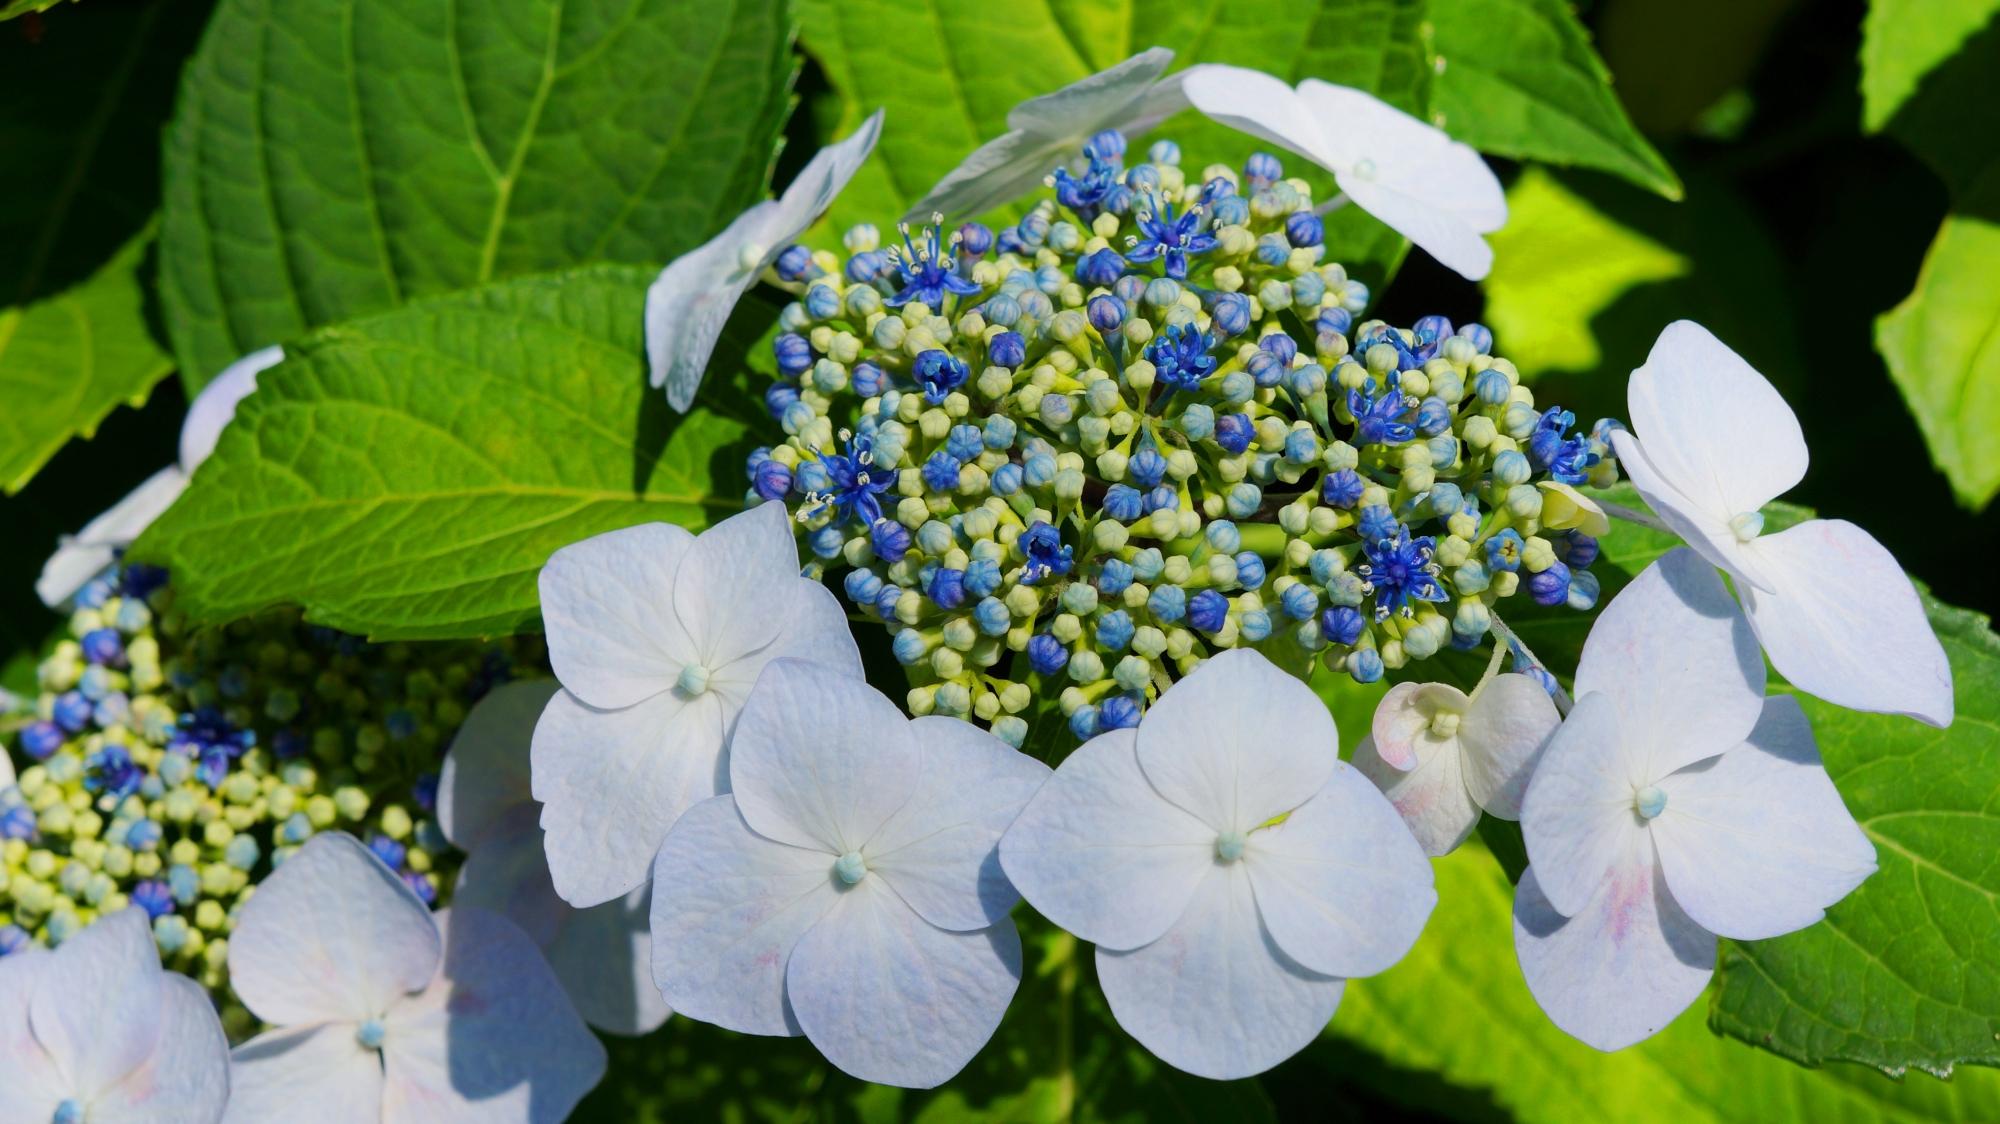 あじさい園だけでなく境内のいろんな場所に紫陽花が咲く三室戸寺